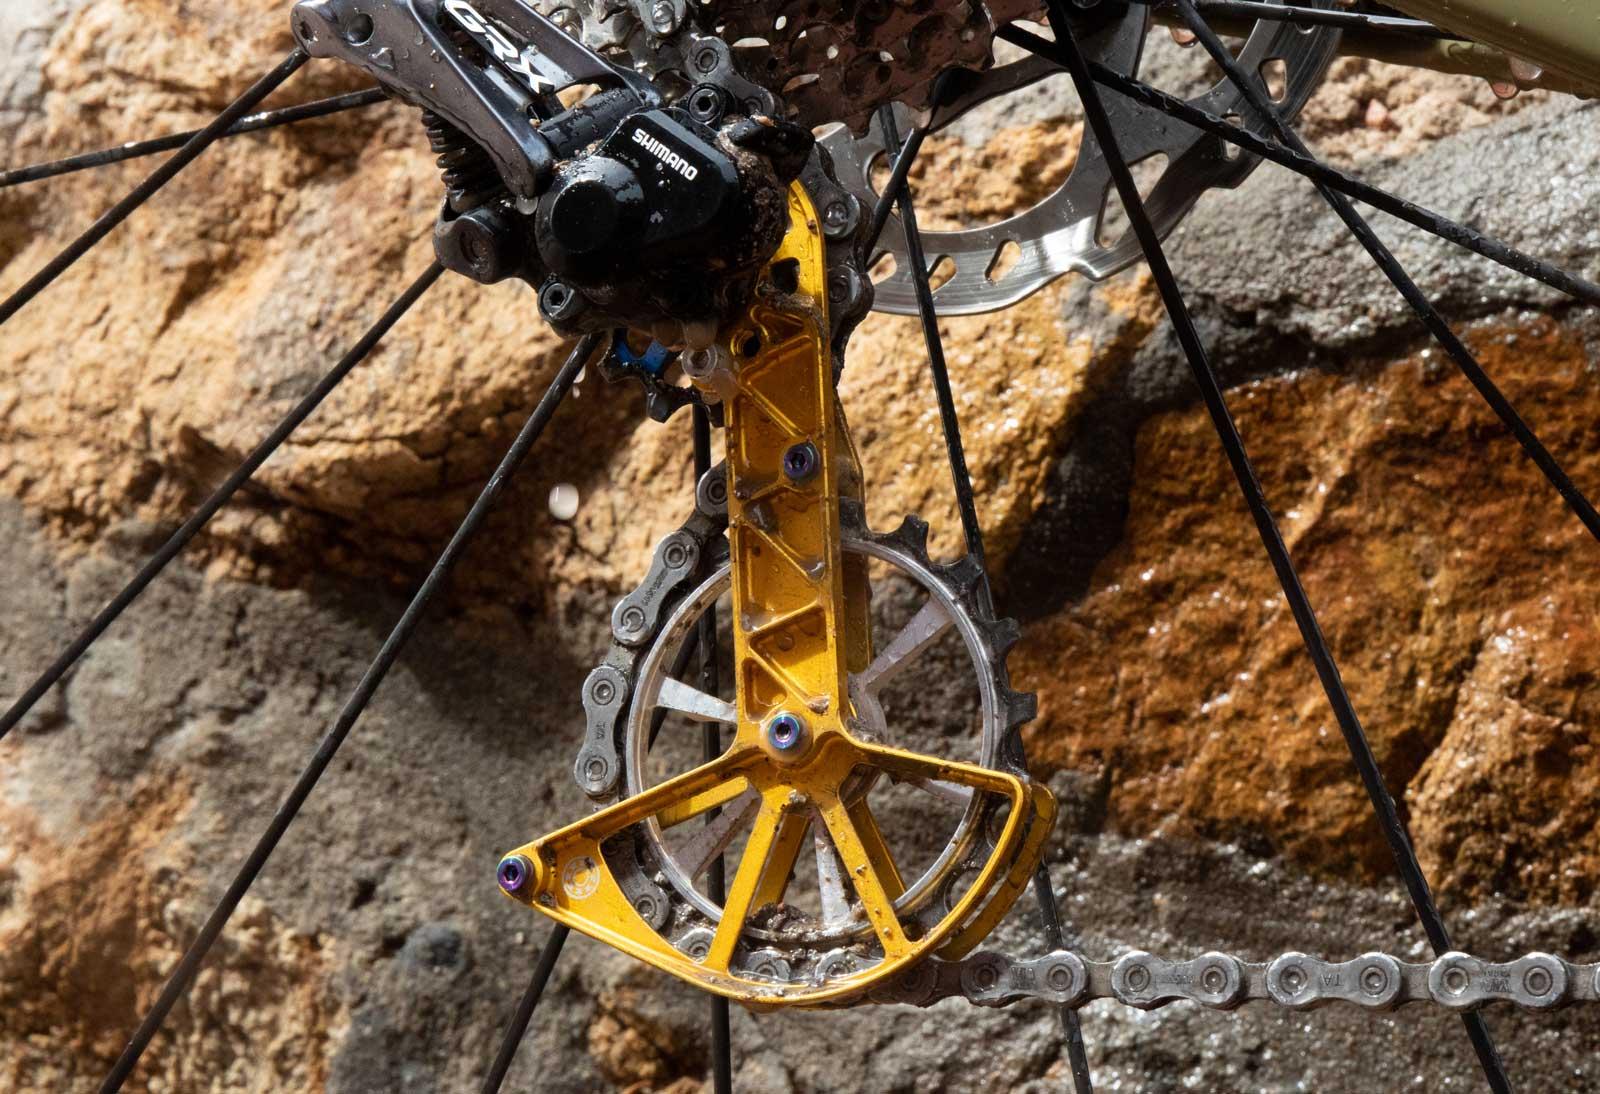 kogel kolossos desviador superdimensionado gaiola polia bicicleta de cascalho